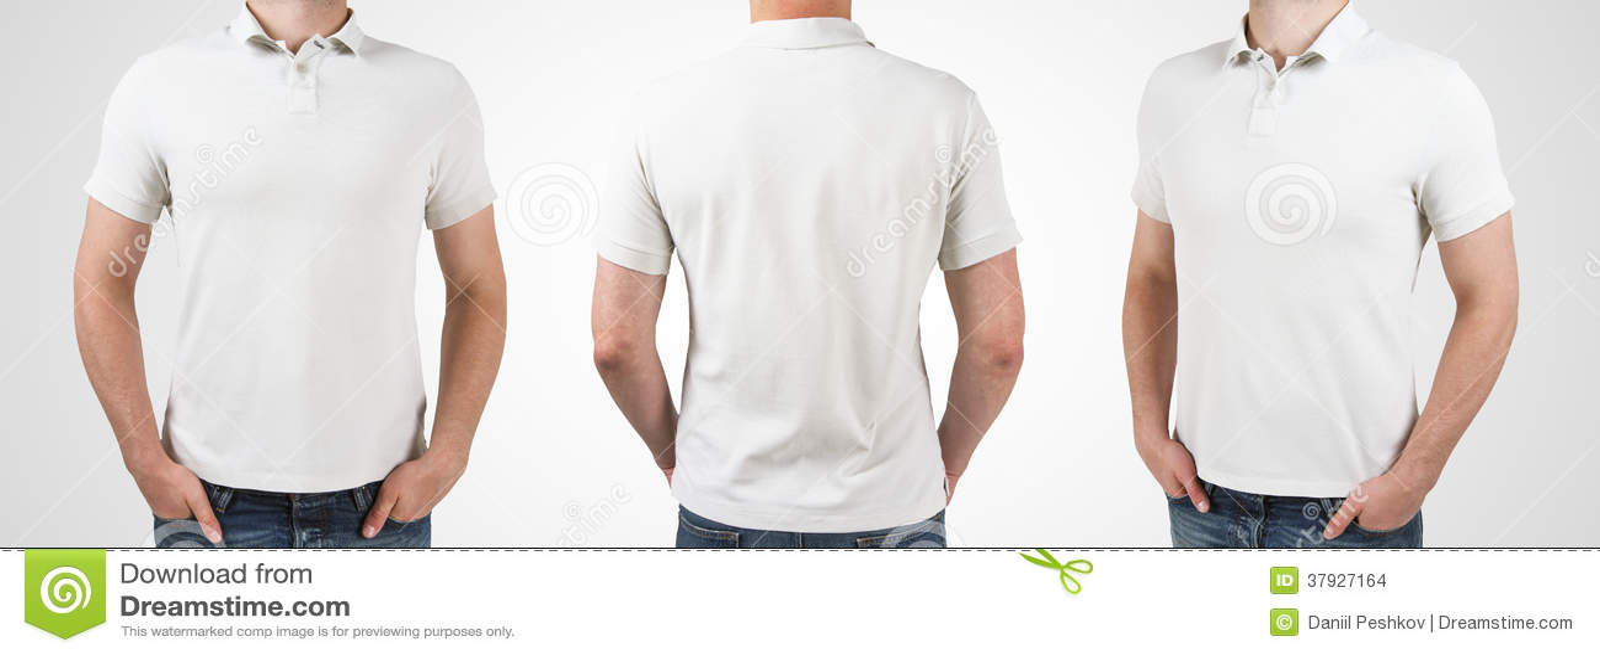 Человек 3 в футболке